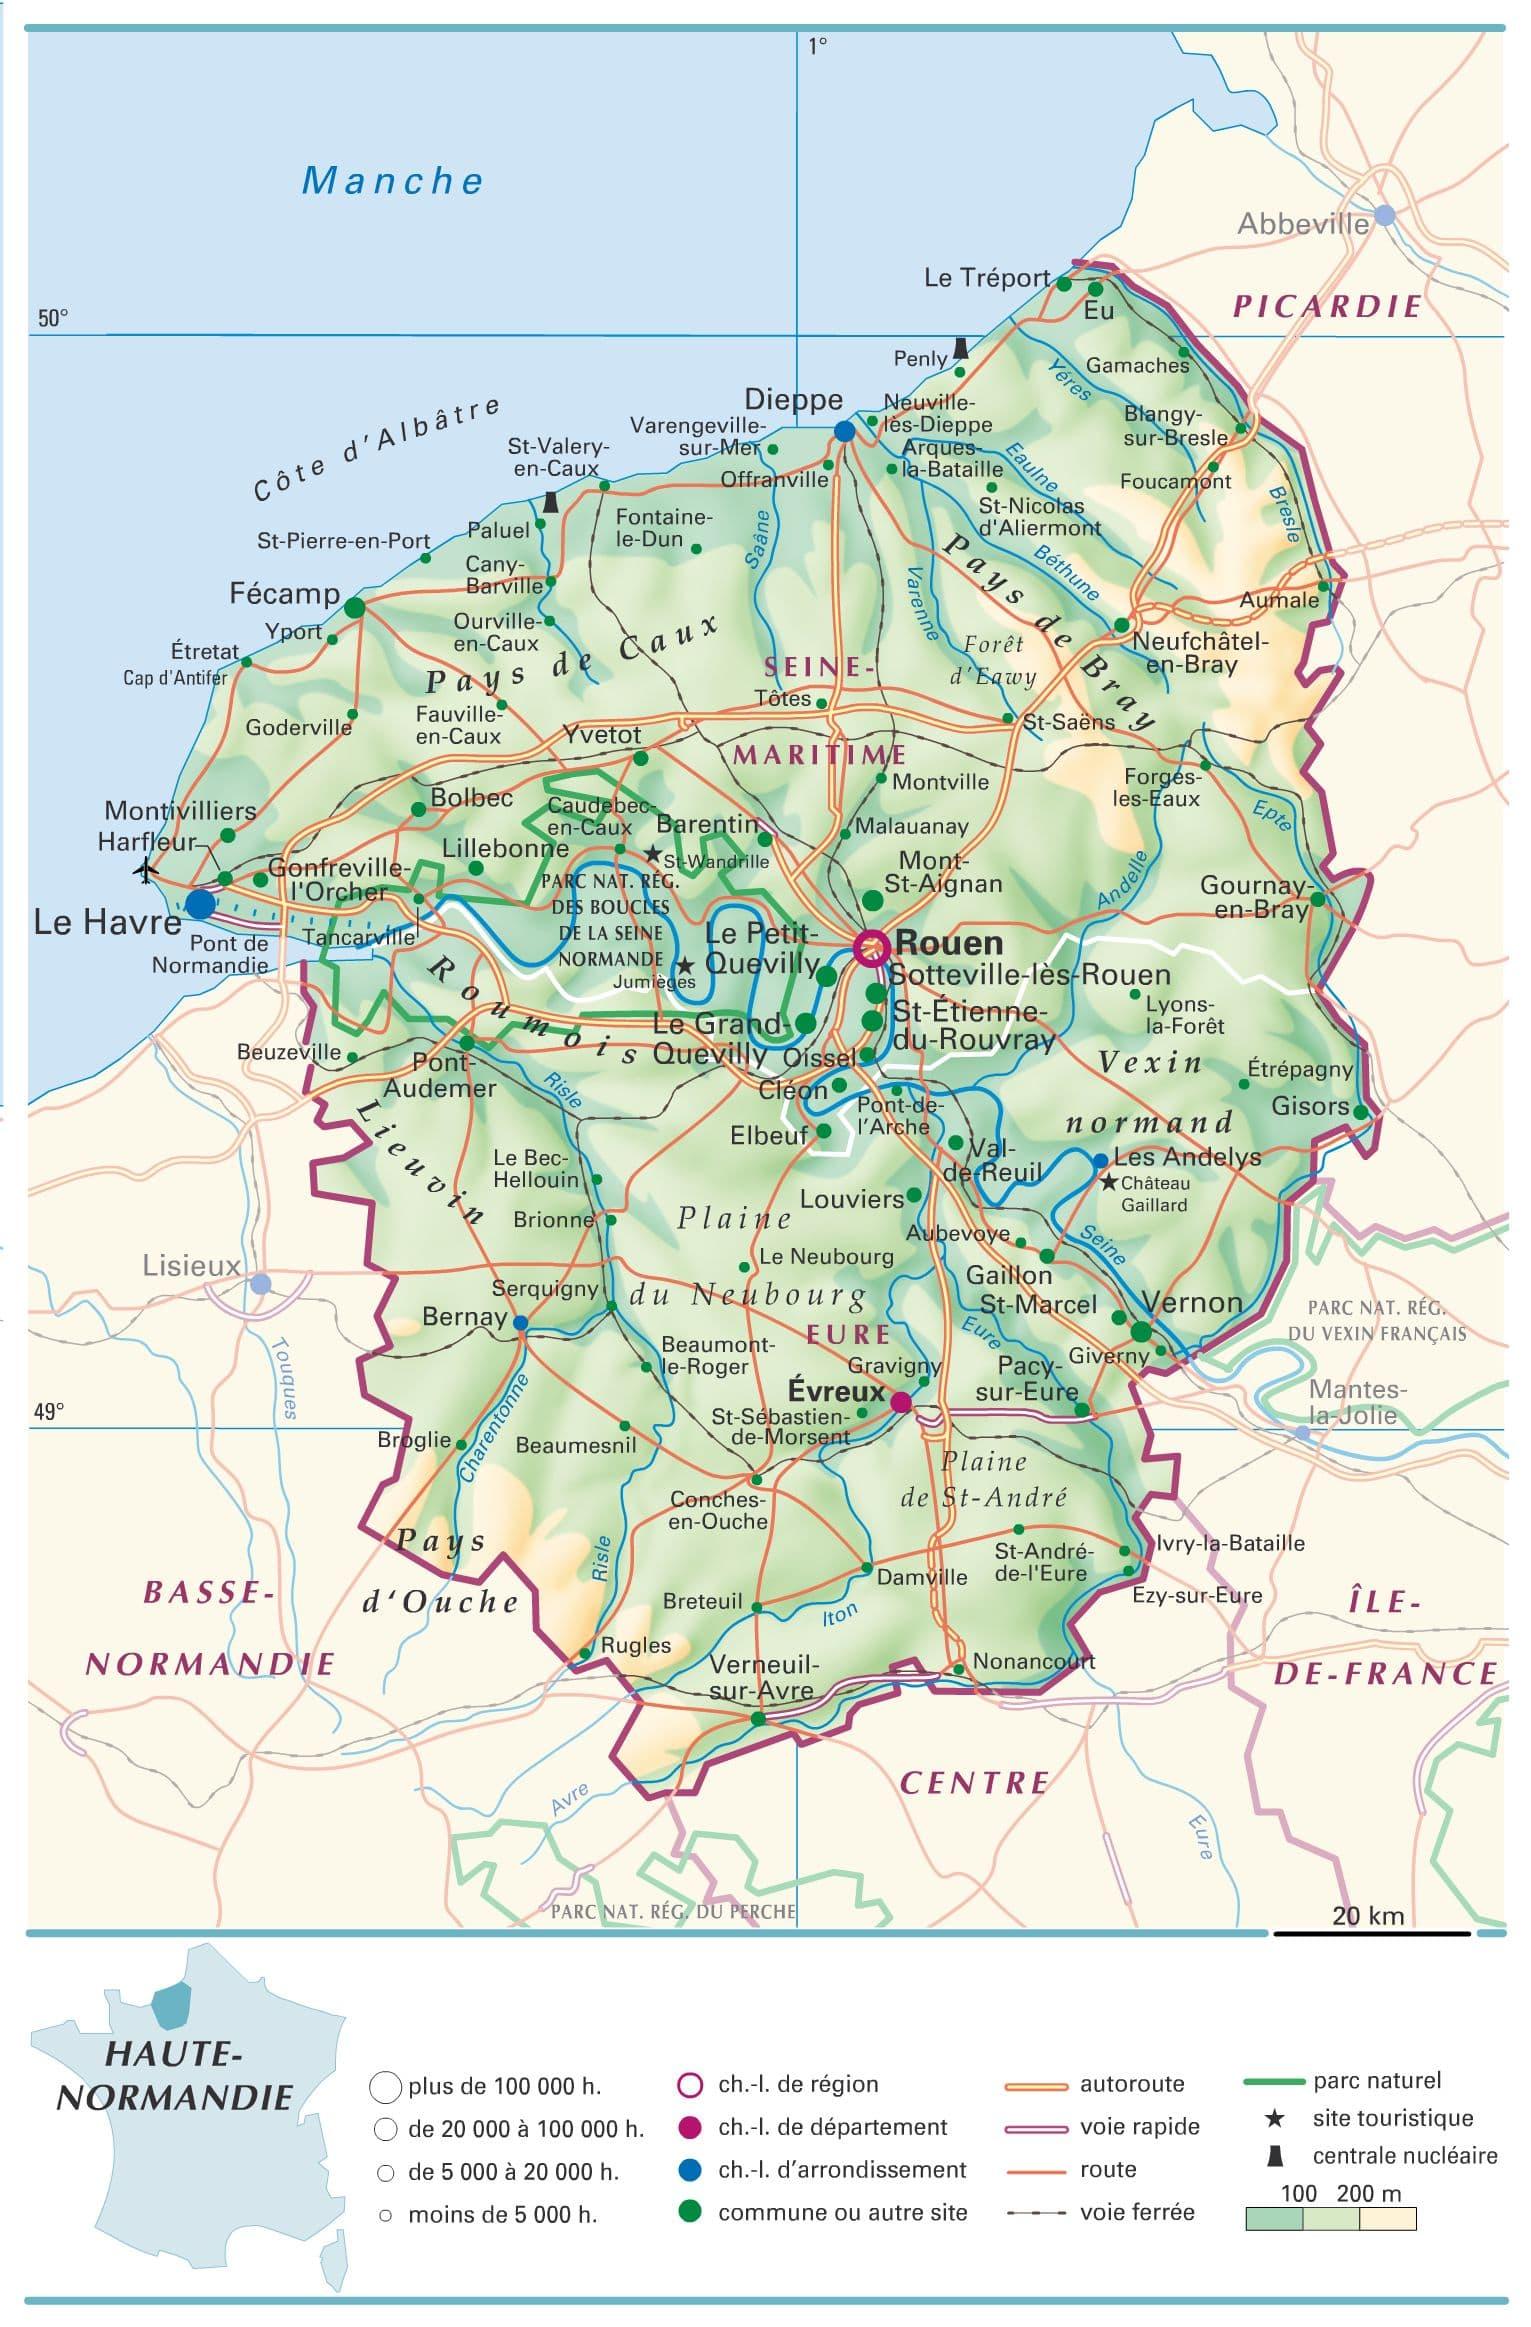 haute-normandie-relief-et-climat